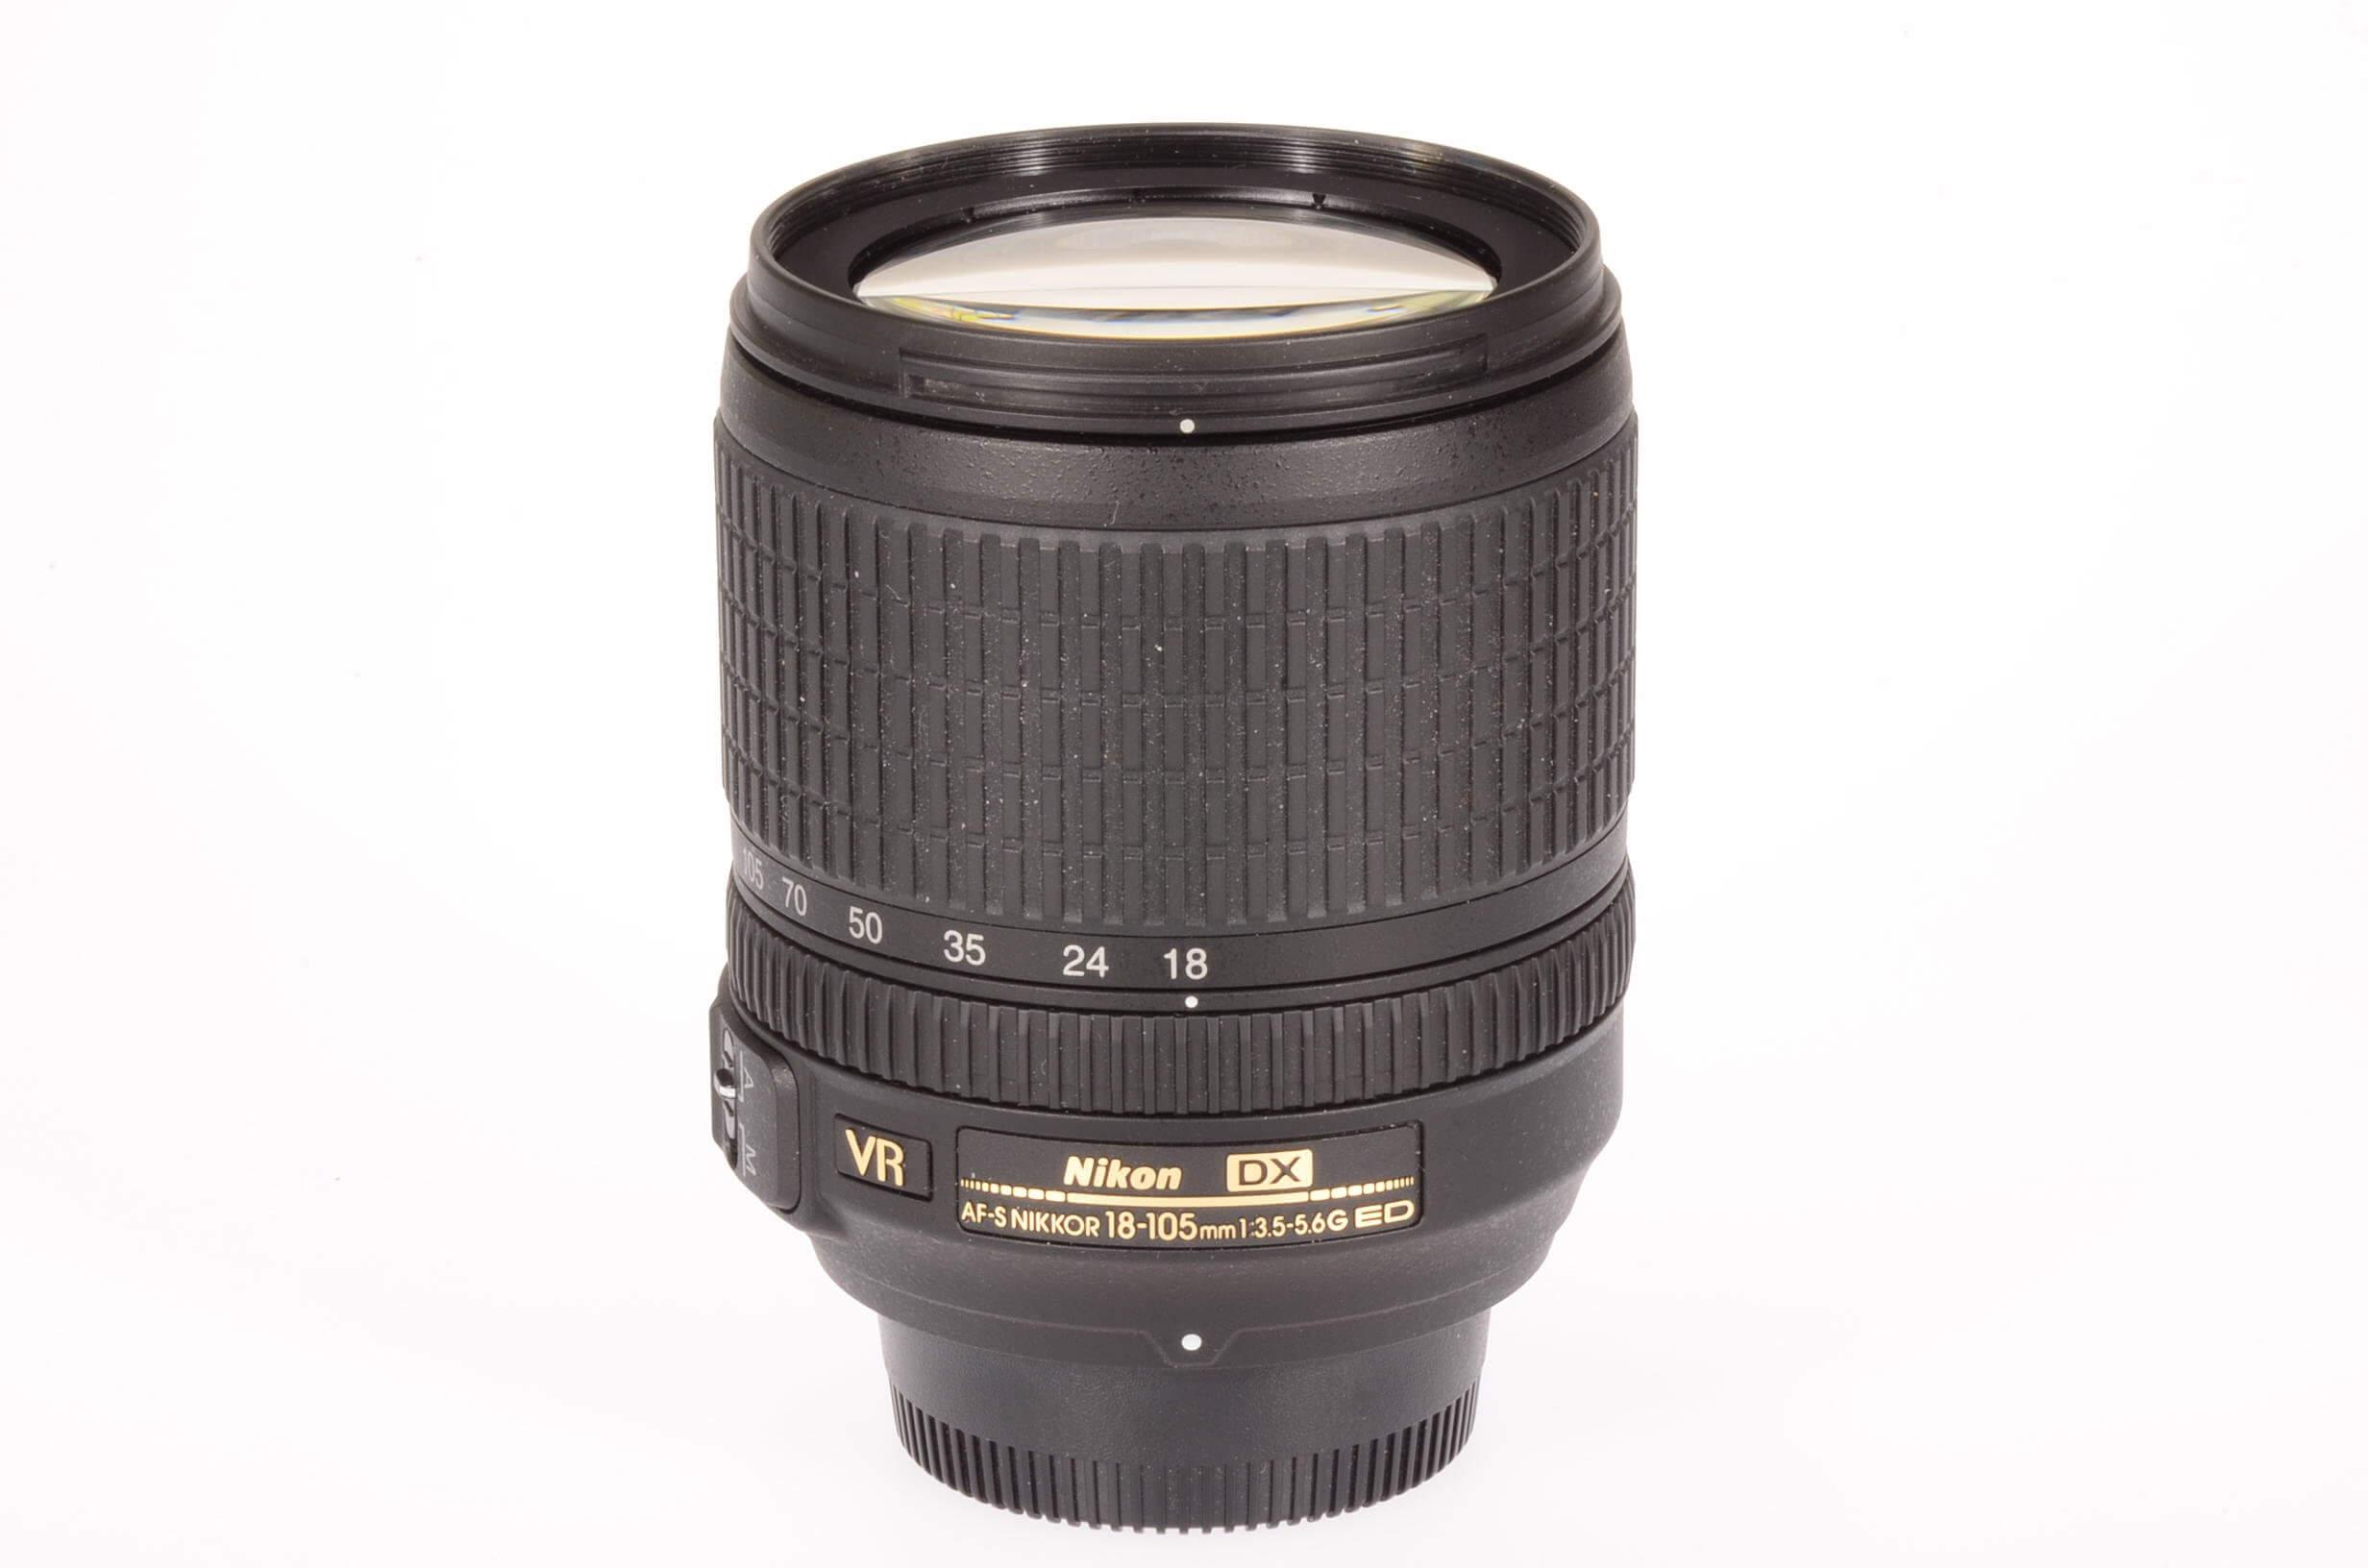 Nikon 18-105mm f3.5-5.6 Nikkor VR AF-S DX, mint!